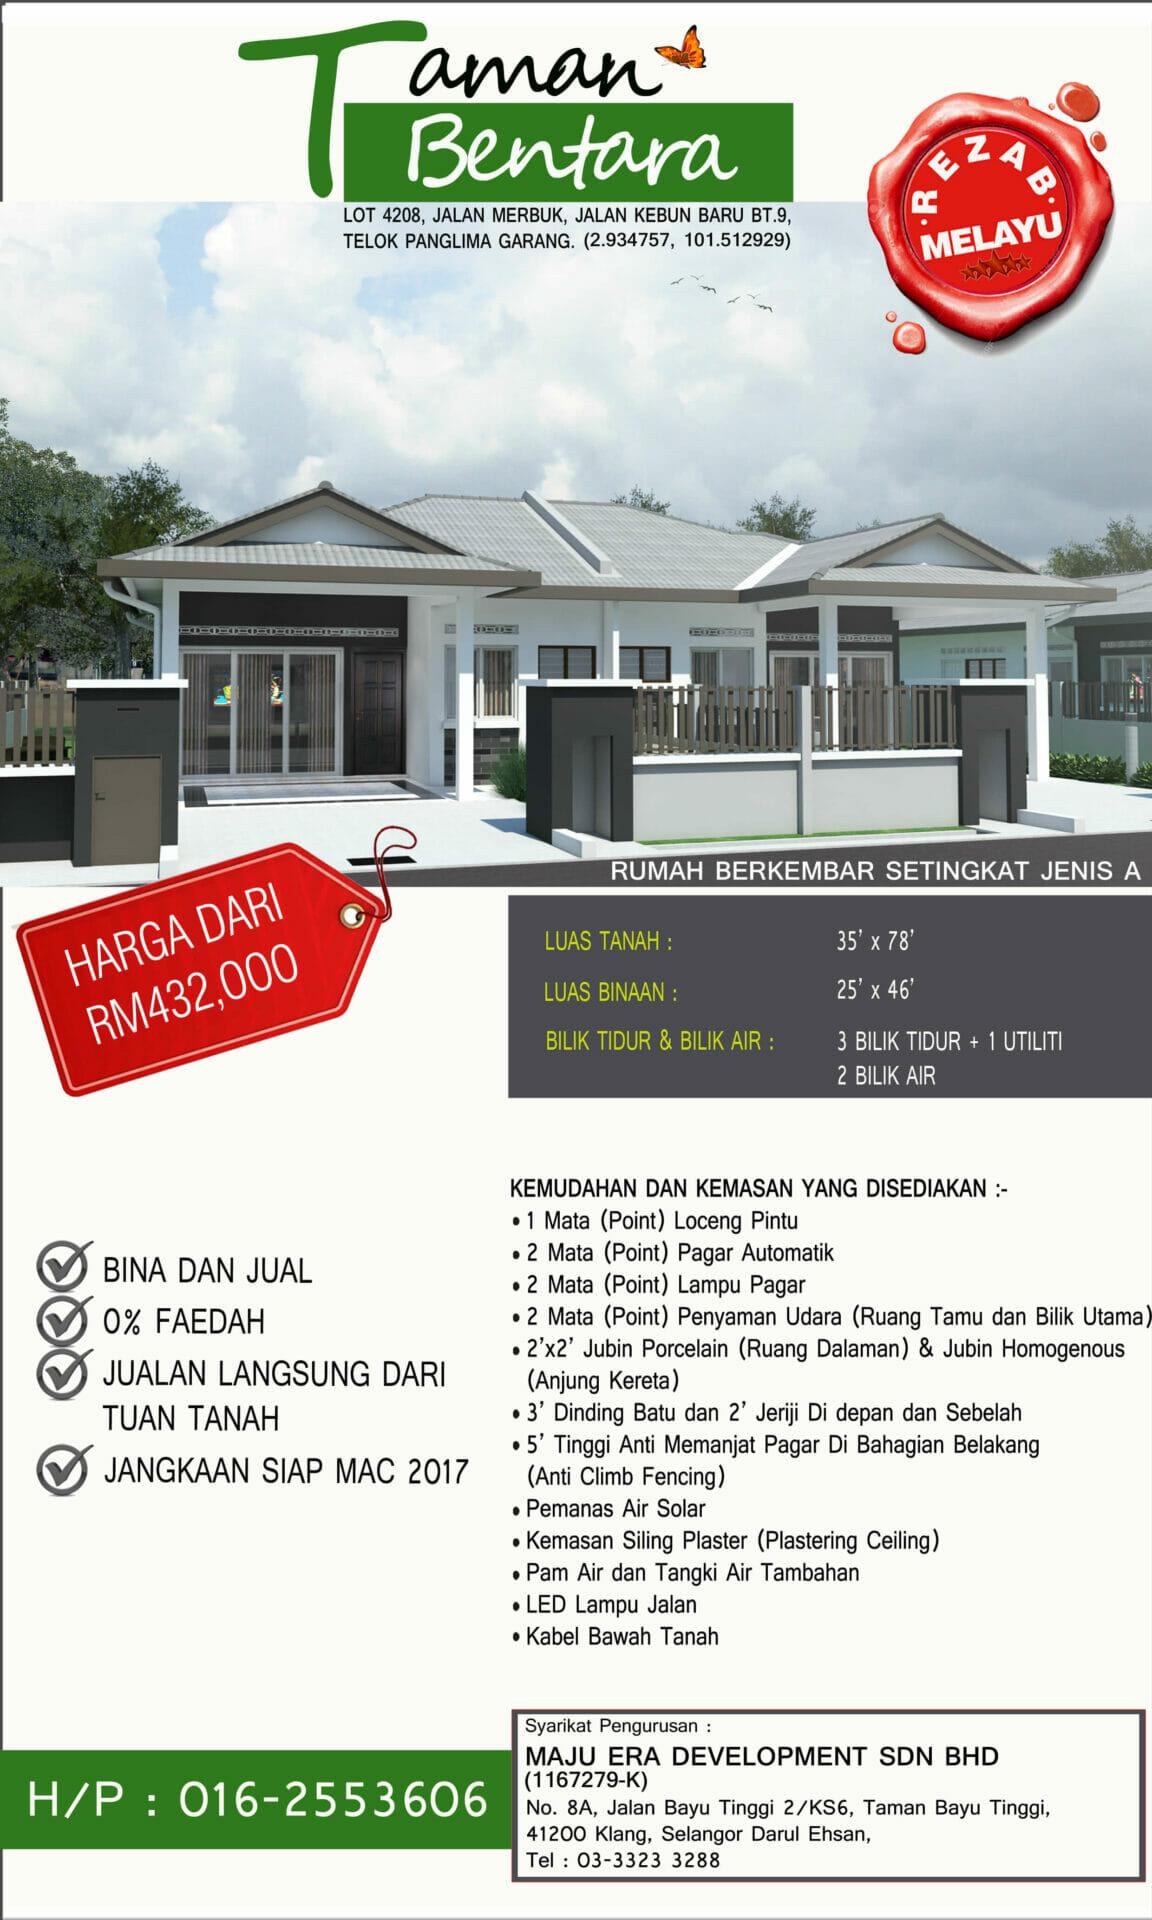 Lot 4208 Taman Bentara, Teluk Panglima Garang 2